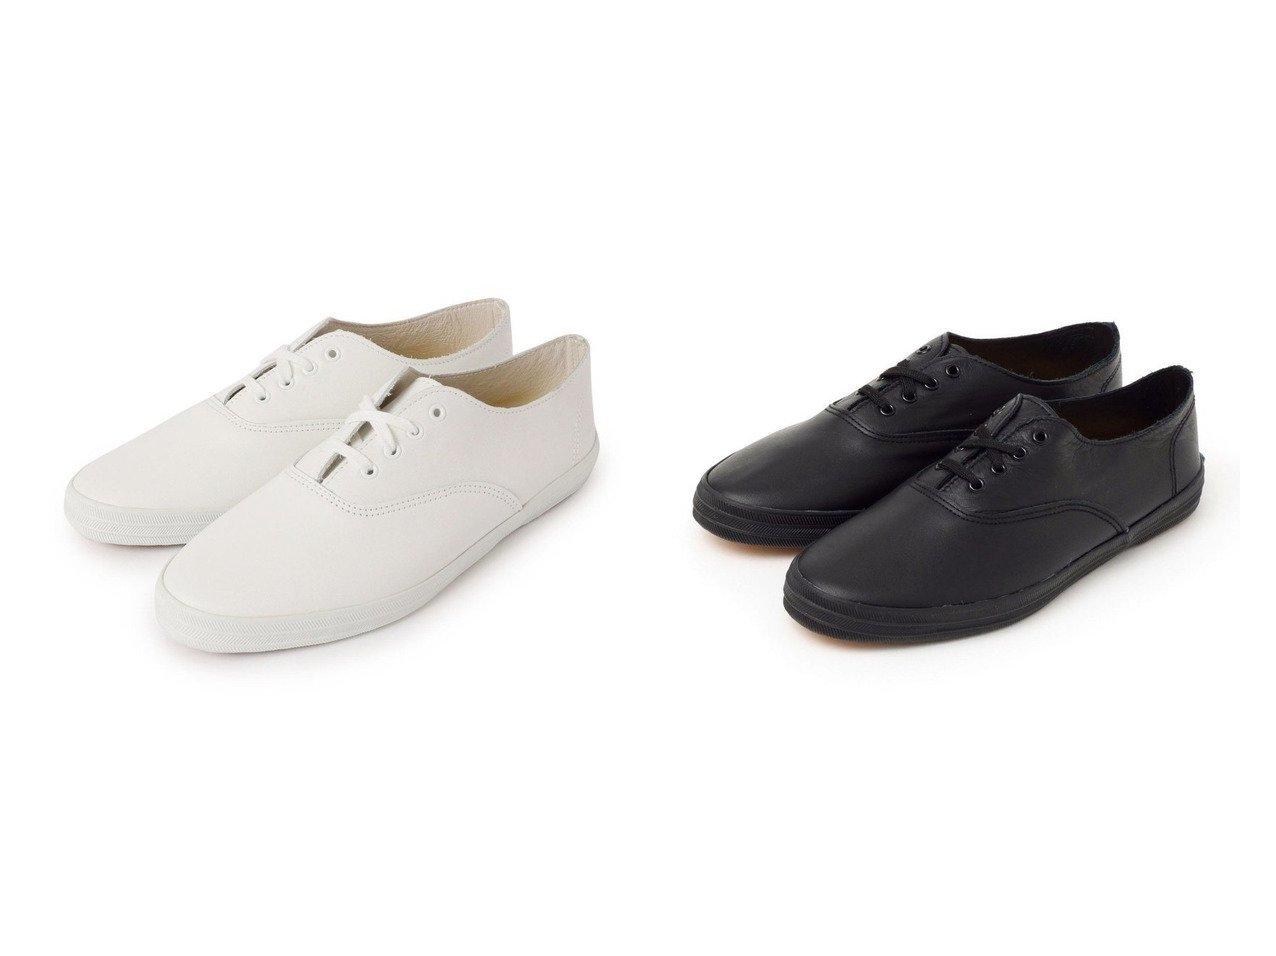 【SHIPS/シップス フォー ウィメン】のKeds CHAMPIONOXFORD シューズ・靴のおすすめ!人気、トレンド・レディースファッションの通販  おすすめで人気の流行・トレンド、ファッションの通販商品 メンズファッション・キッズファッション・インテリア・家具・レディースファッション・服の通販 founy(ファニー) https://founy.com/ ファッション Fashion レディースファッション WOMEN クッション シューズ スニーカー スリッポン 定番 Standard |ID:crp329100000010820